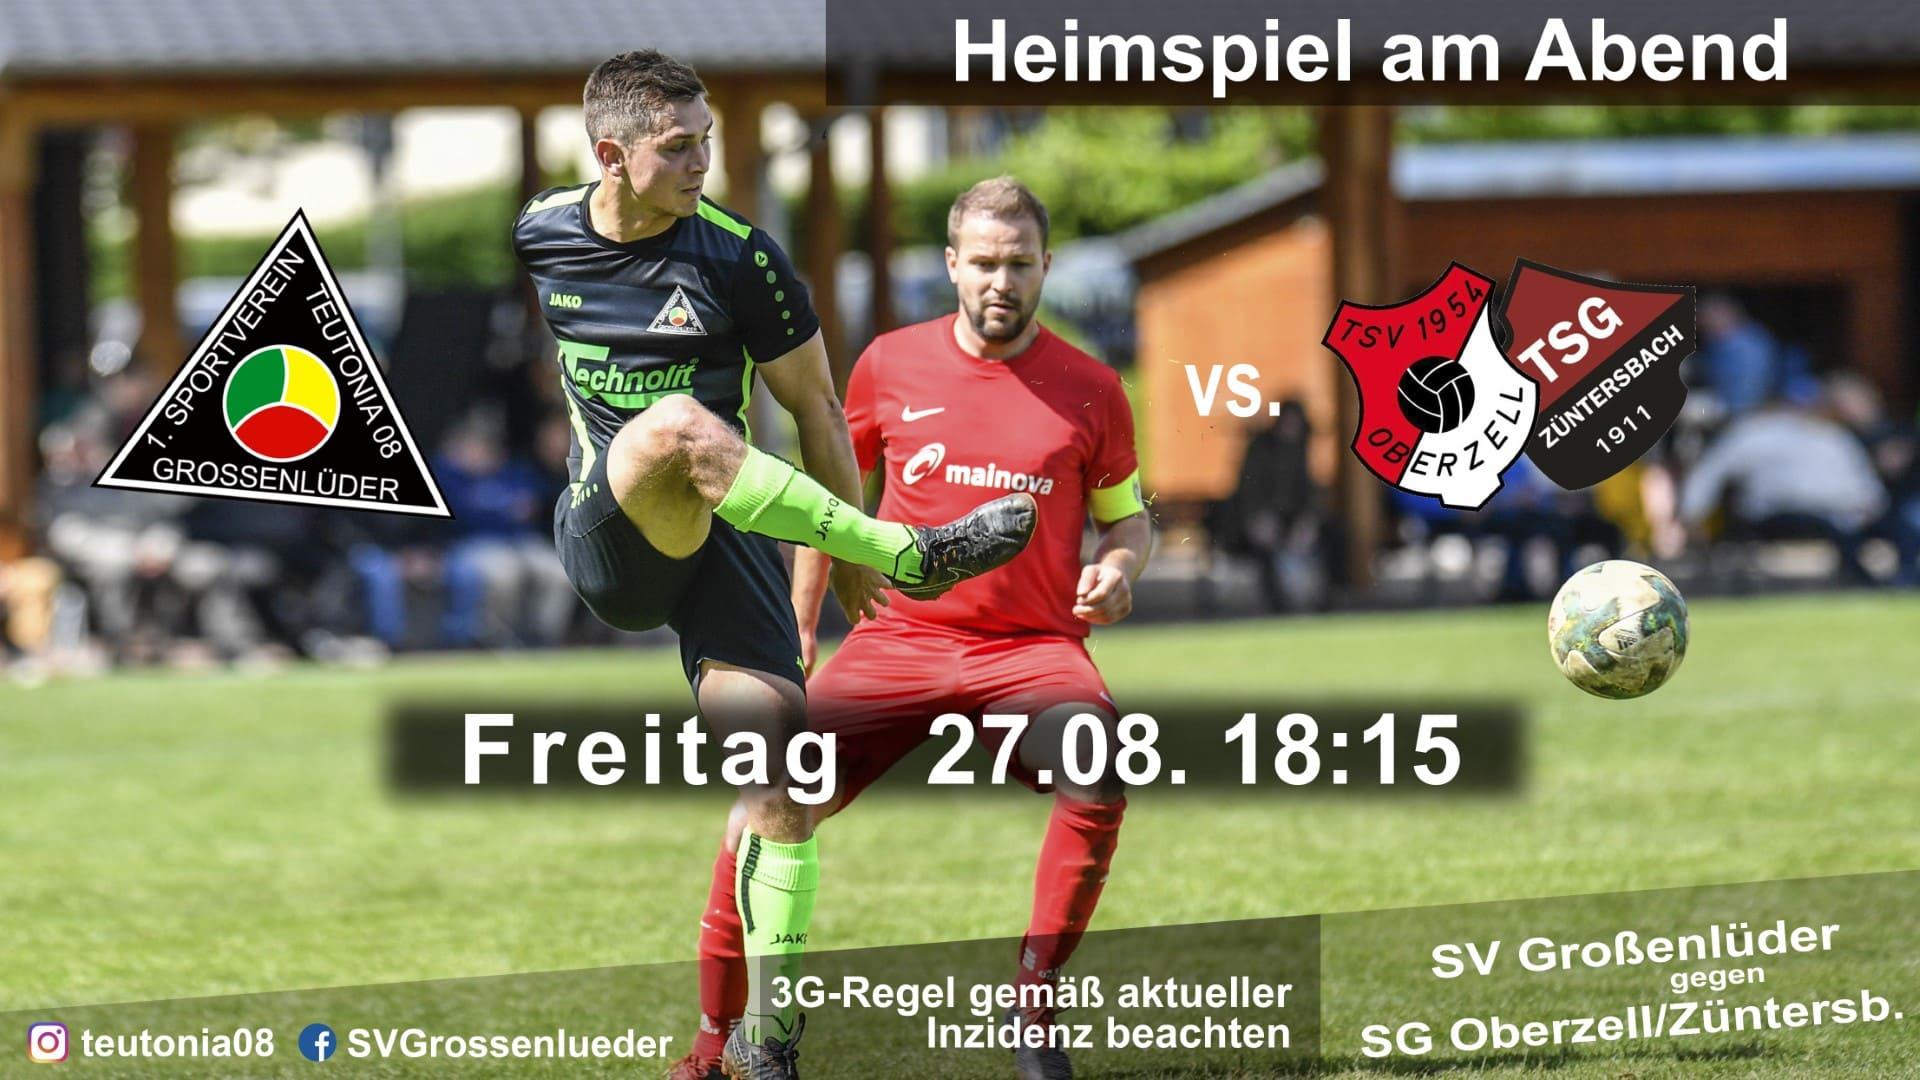 Oberzell Züntersbach Heimspiel 2021